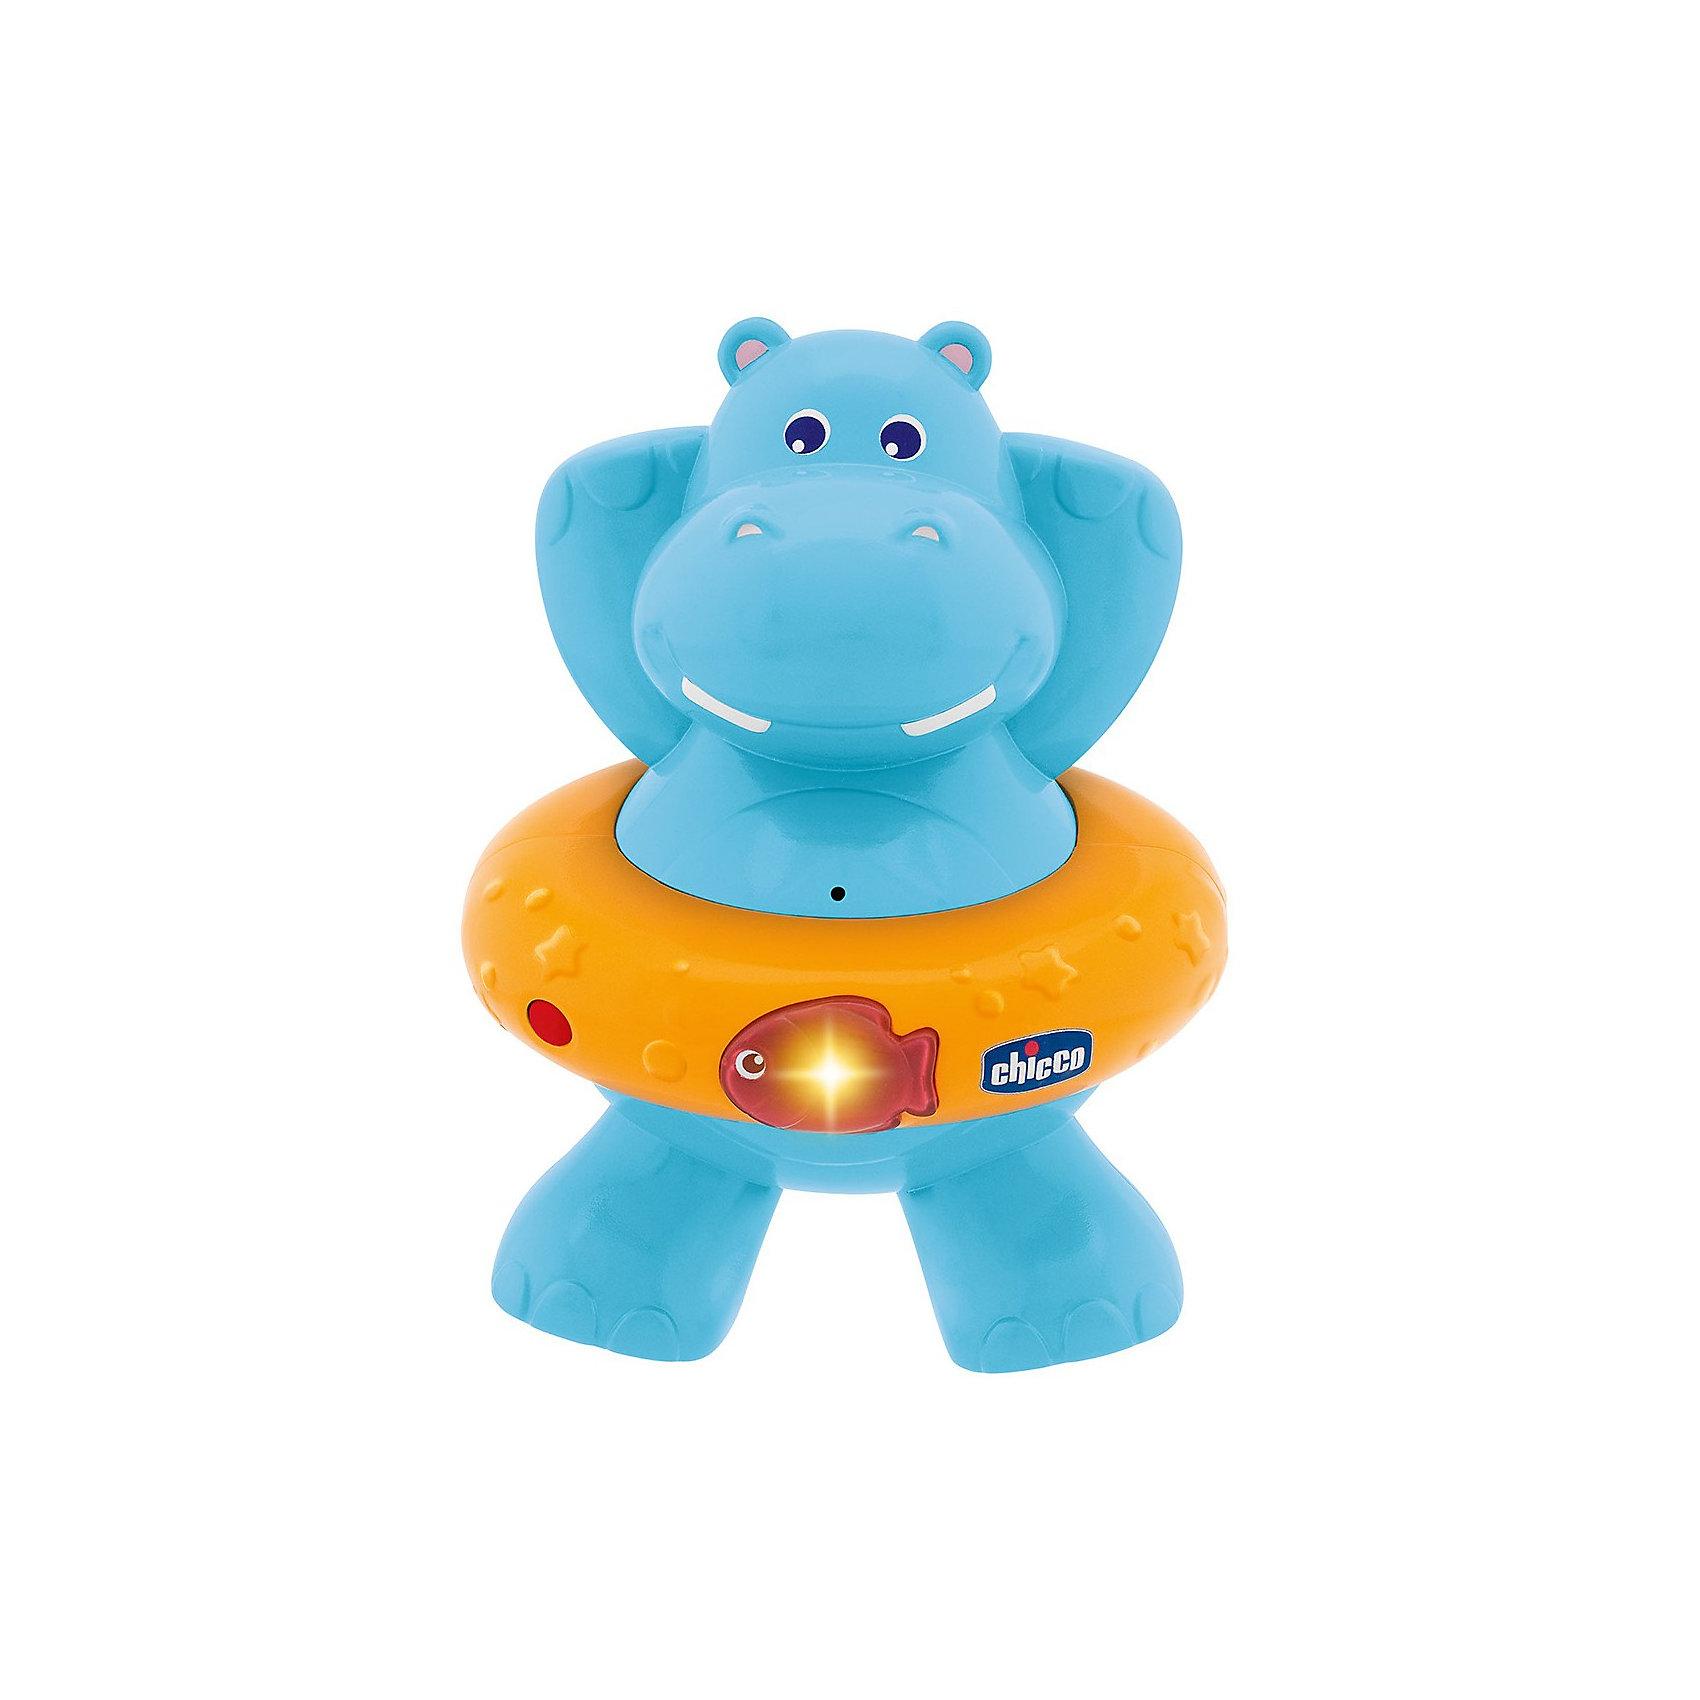 CHICCO Игрушка для ванной Счастливый бегемотик, Chicco виброплатформы для похудения в алматы в интернет магазине